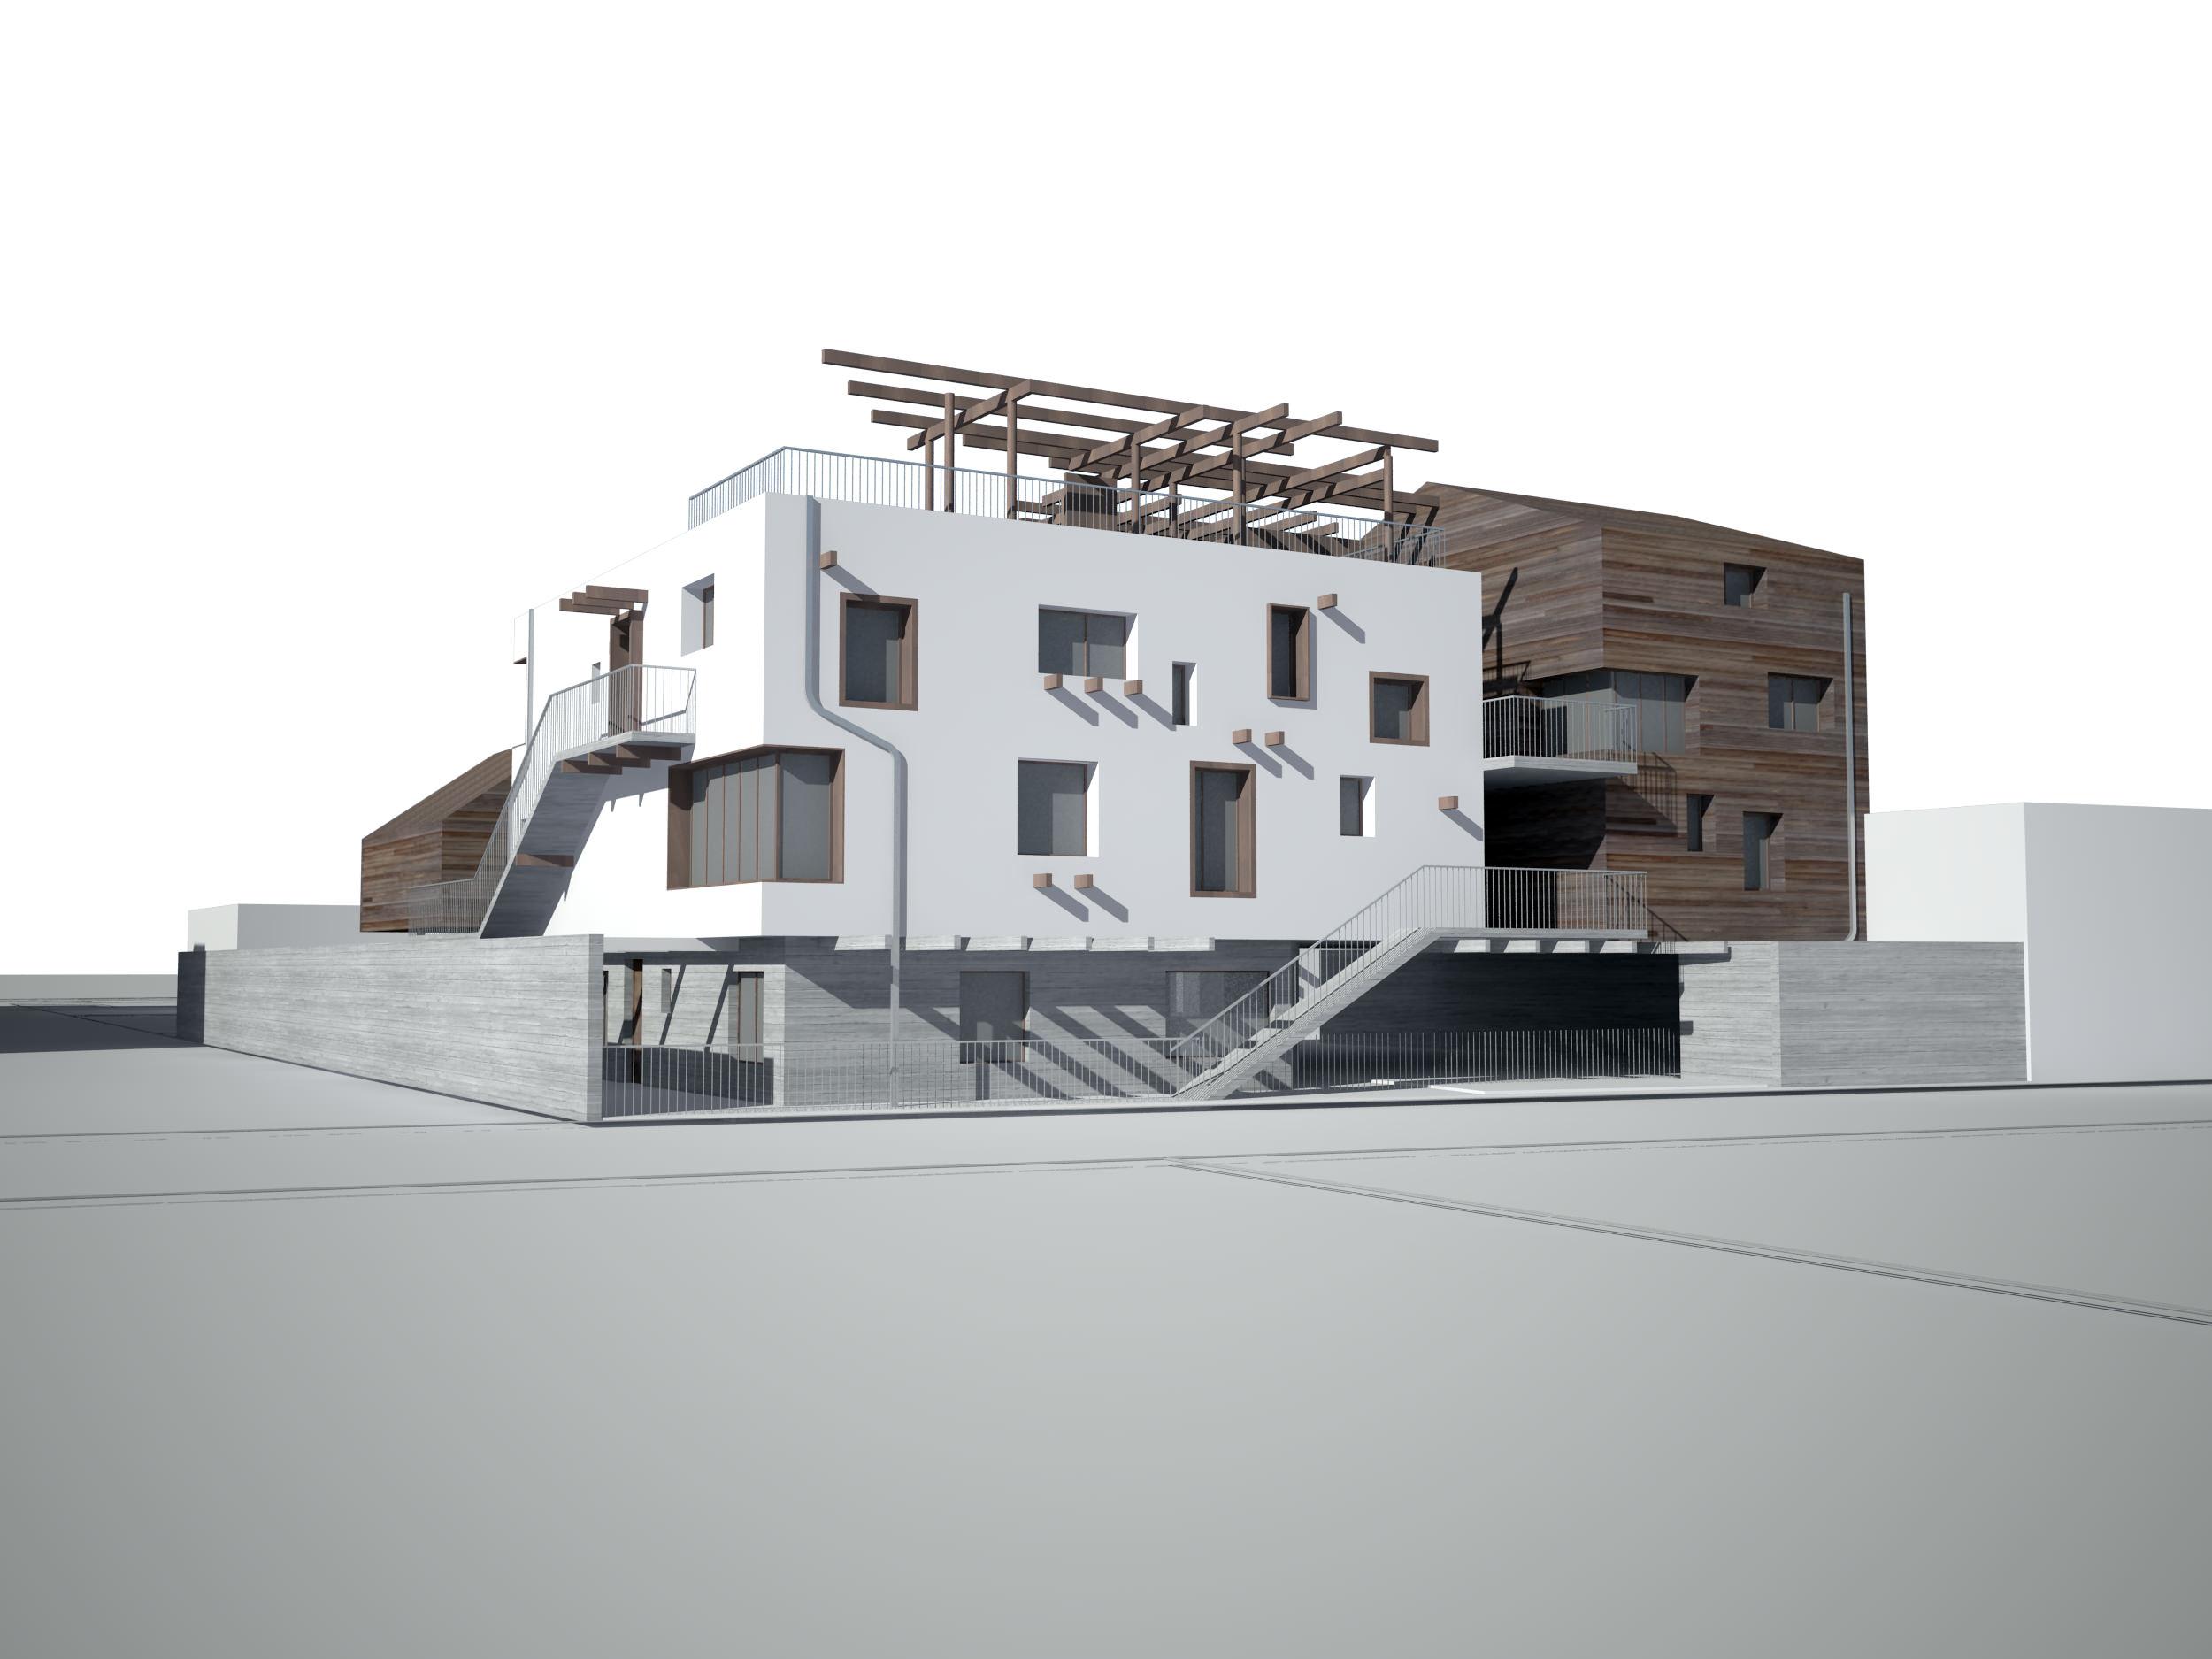 0211_14_01_06_facade_01